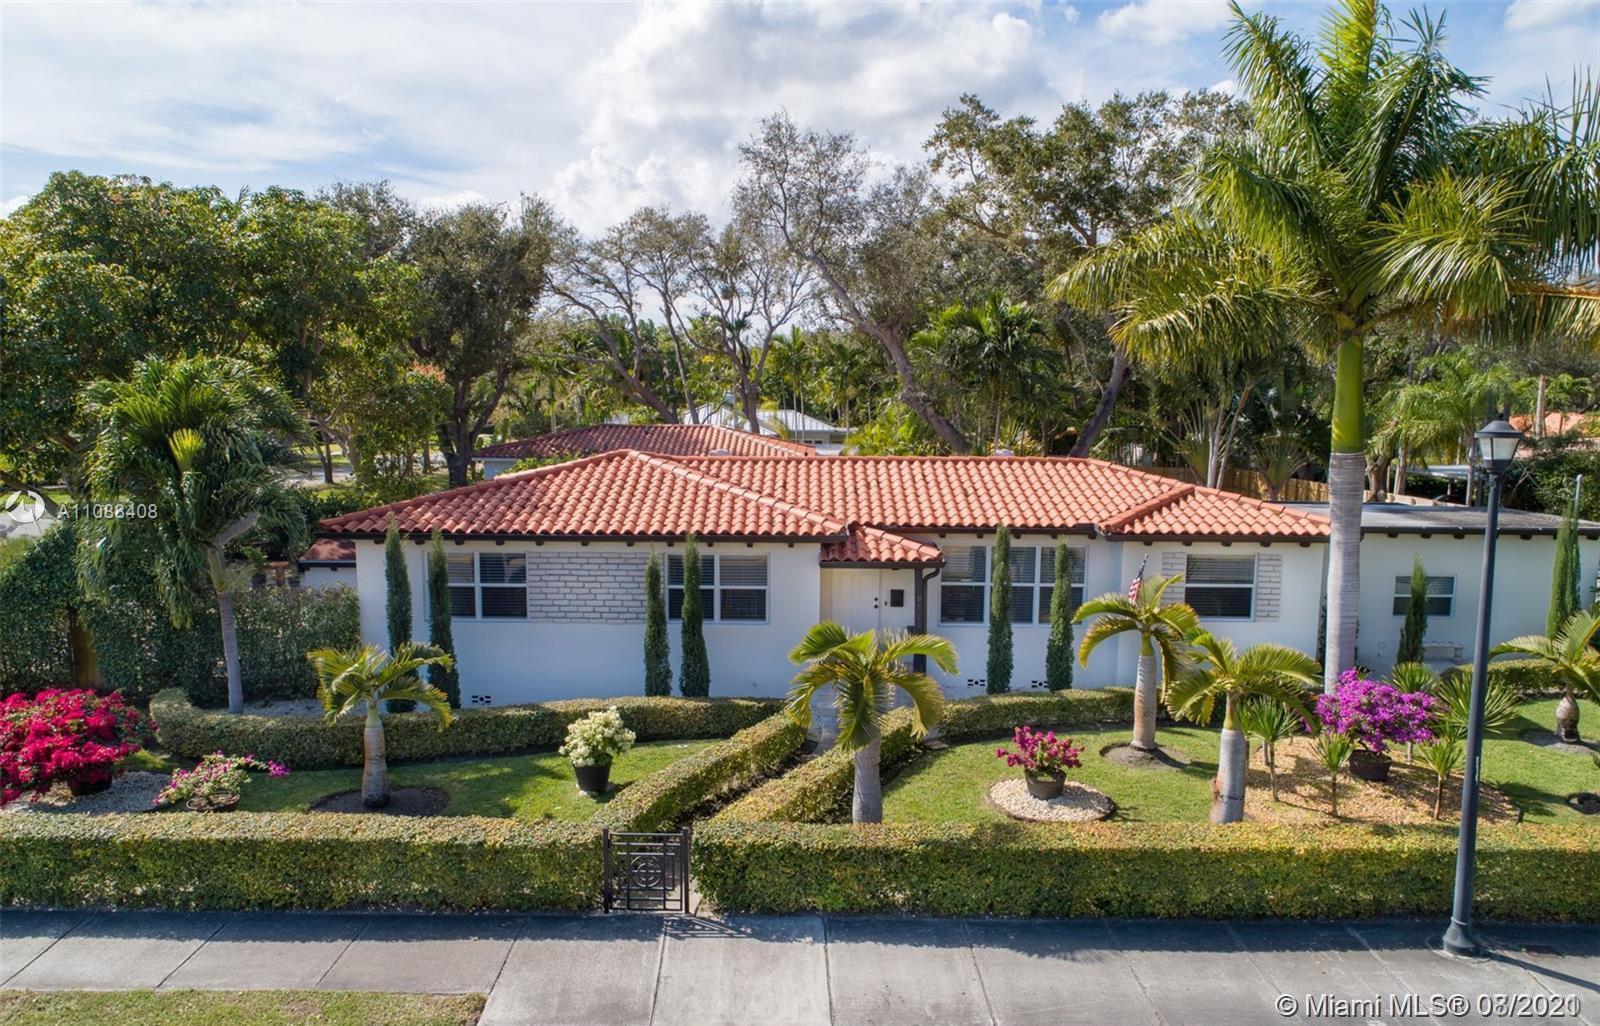 Miami Shores - 9500 NE 6th Ave, Miami Shores, FL 33138